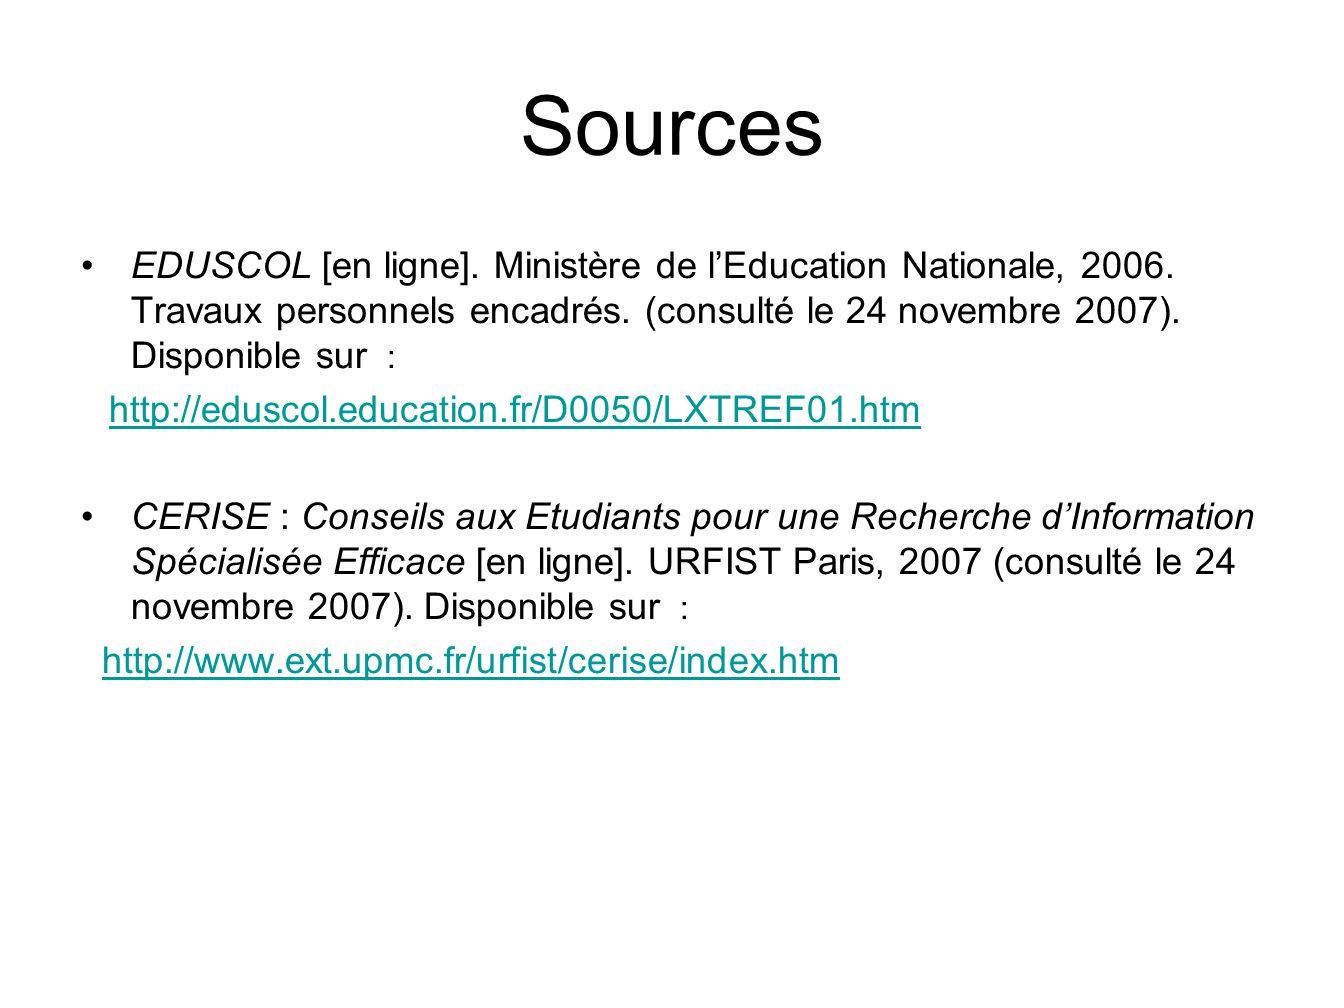 Sources EDUSCOL [en ligne]. Ministère de l'Education Nationale, 2006. Travaux personnels encadrés. (consulté le 24 novembre 2007). Disponible sur :